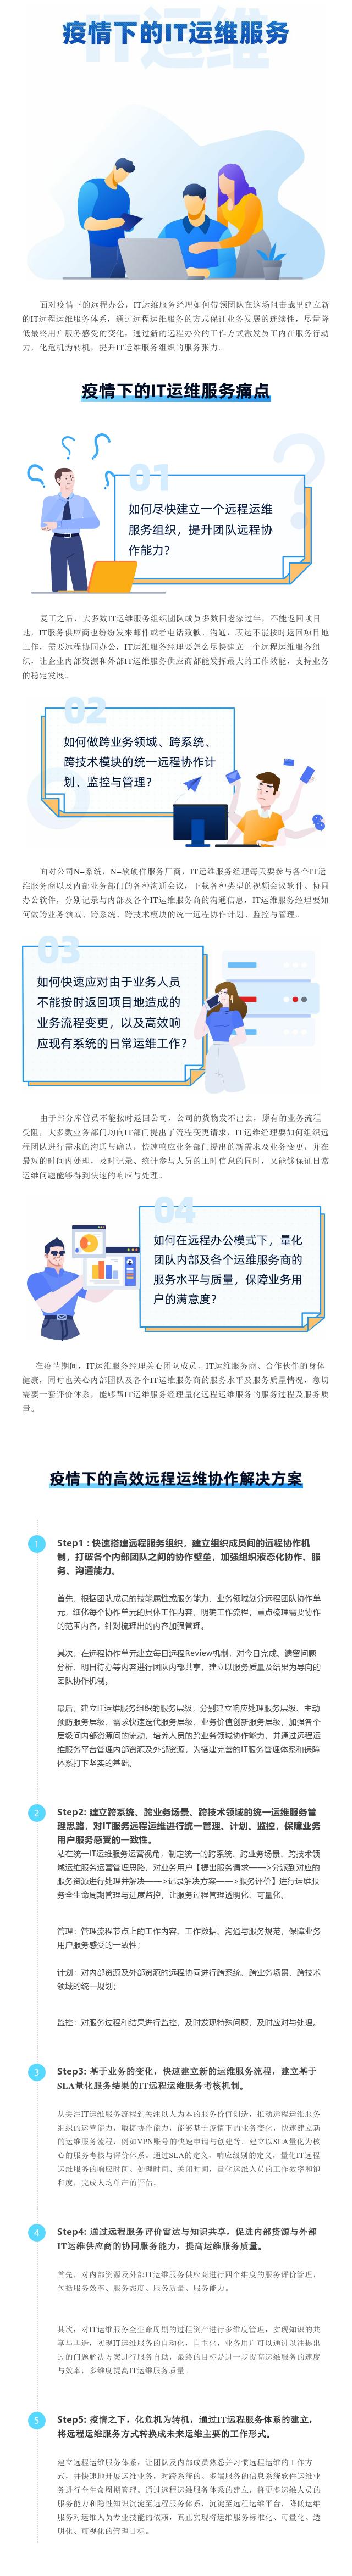 沉着运维 疫情下的IT运维效劳 -钱柜QG777_开源棋牌.png